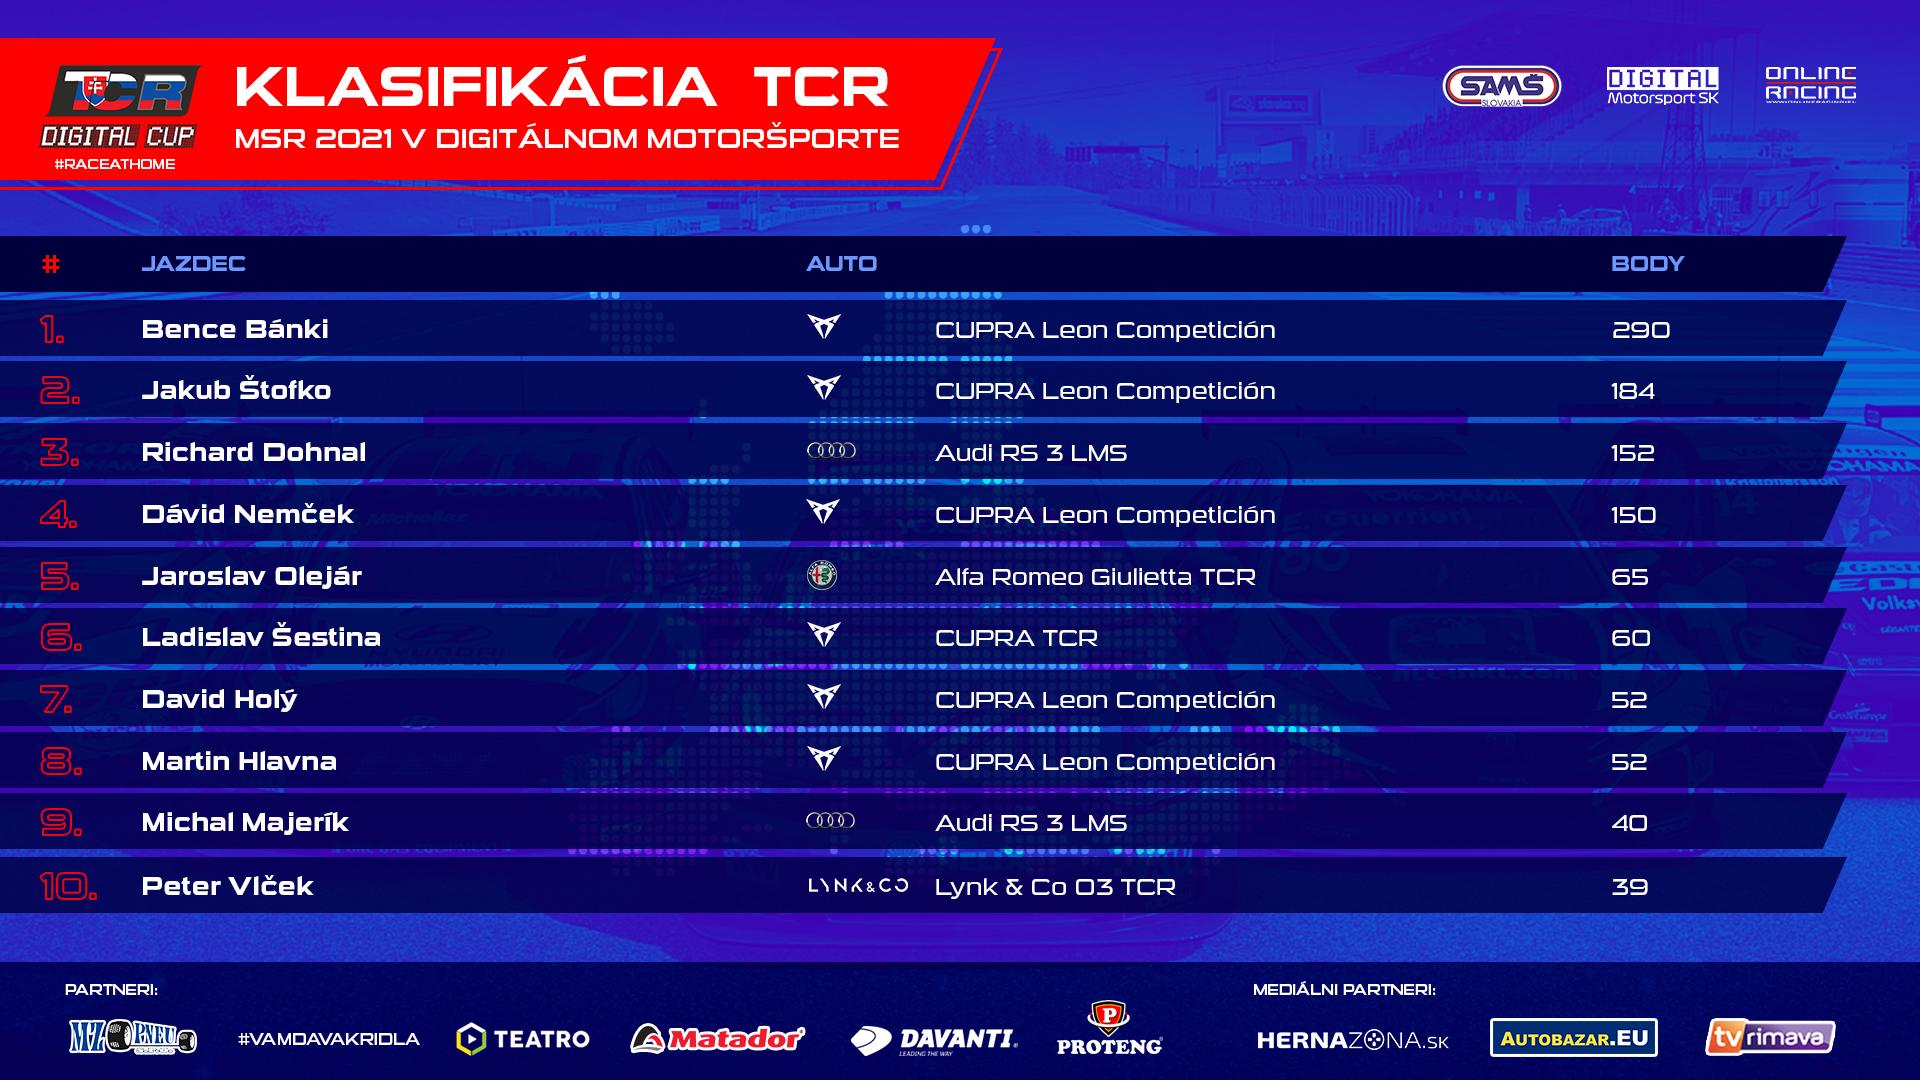 Priebežne poradie TCR Digital Cupu po šiestich kolách.